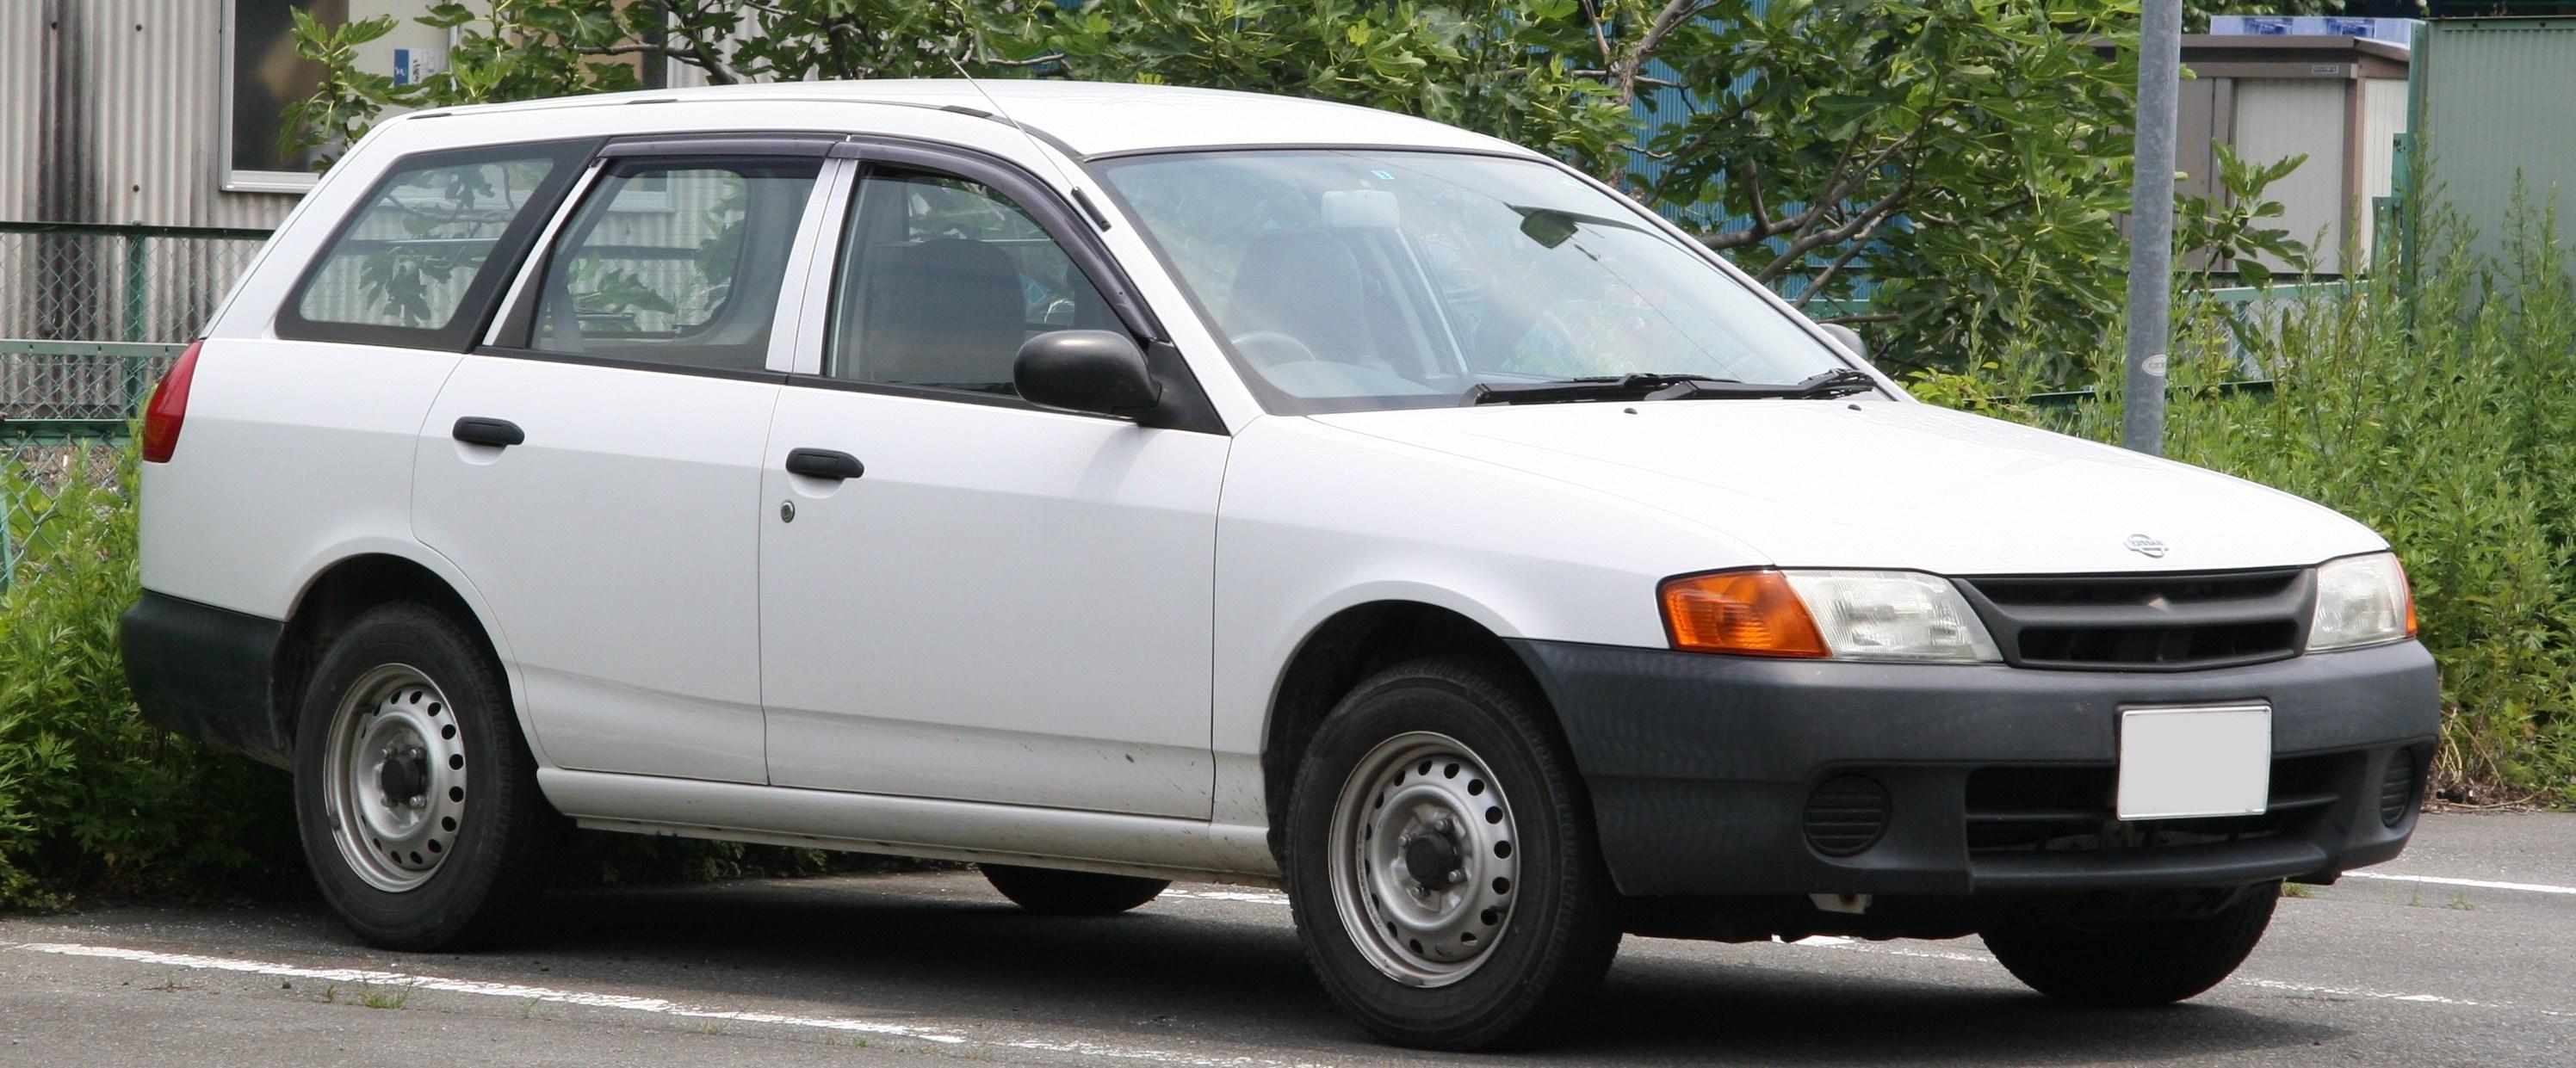 Nissan Work Van >> File:NISSAN AD Van.jpg - Wikimedia Commons